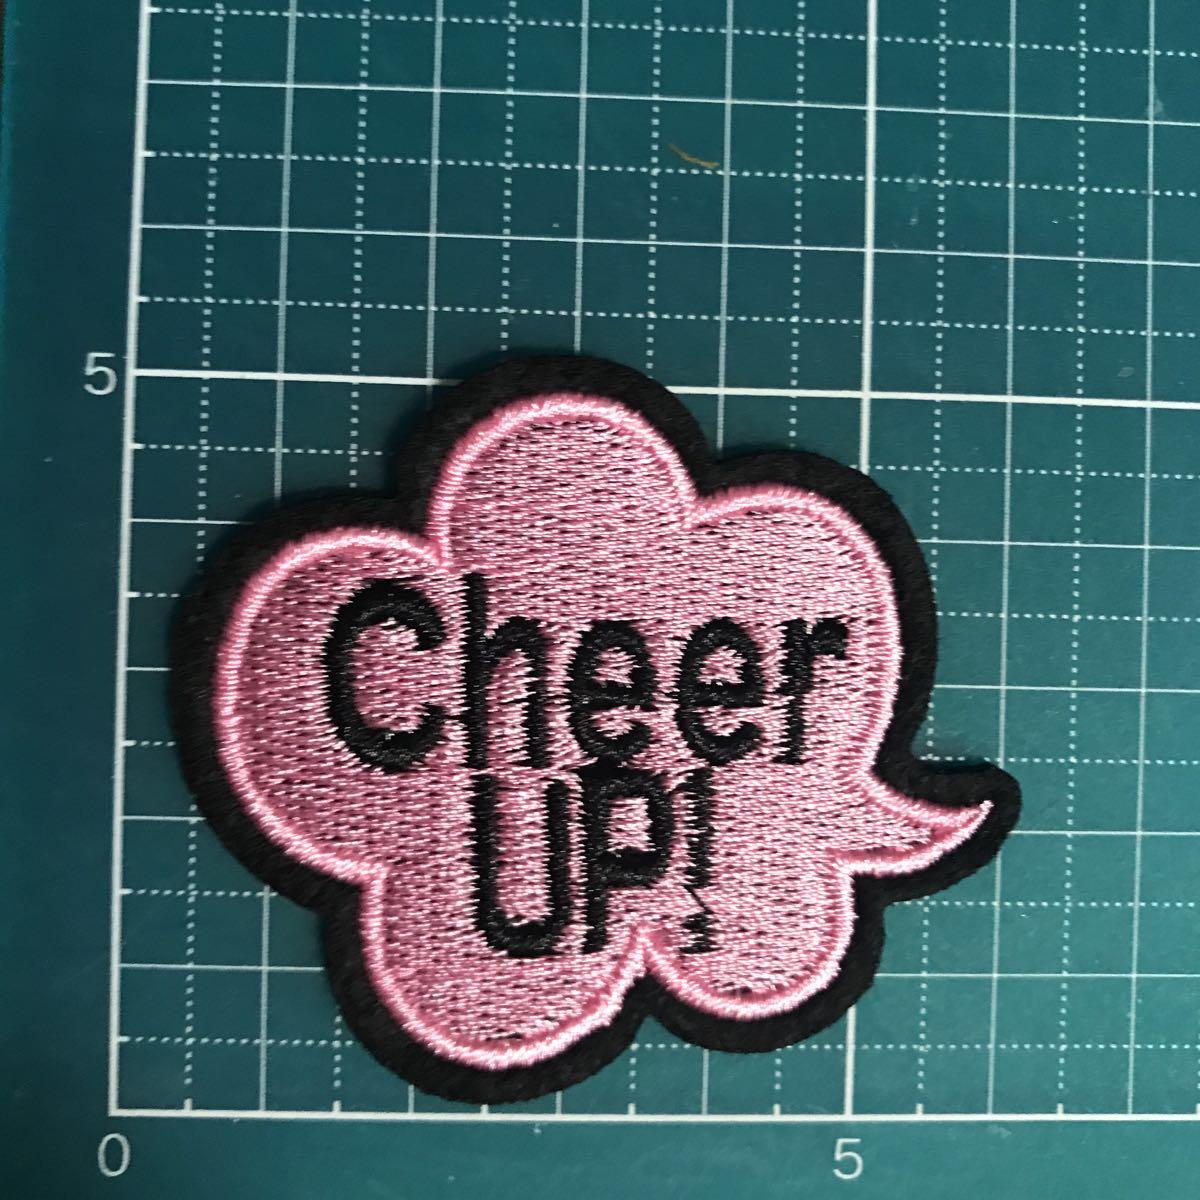 【ワッペン】「cheer up!」頑張れ☆英文吹き出し★アイロンワッペン☆入園入学新学期運動会準備にアップリケ_画像2